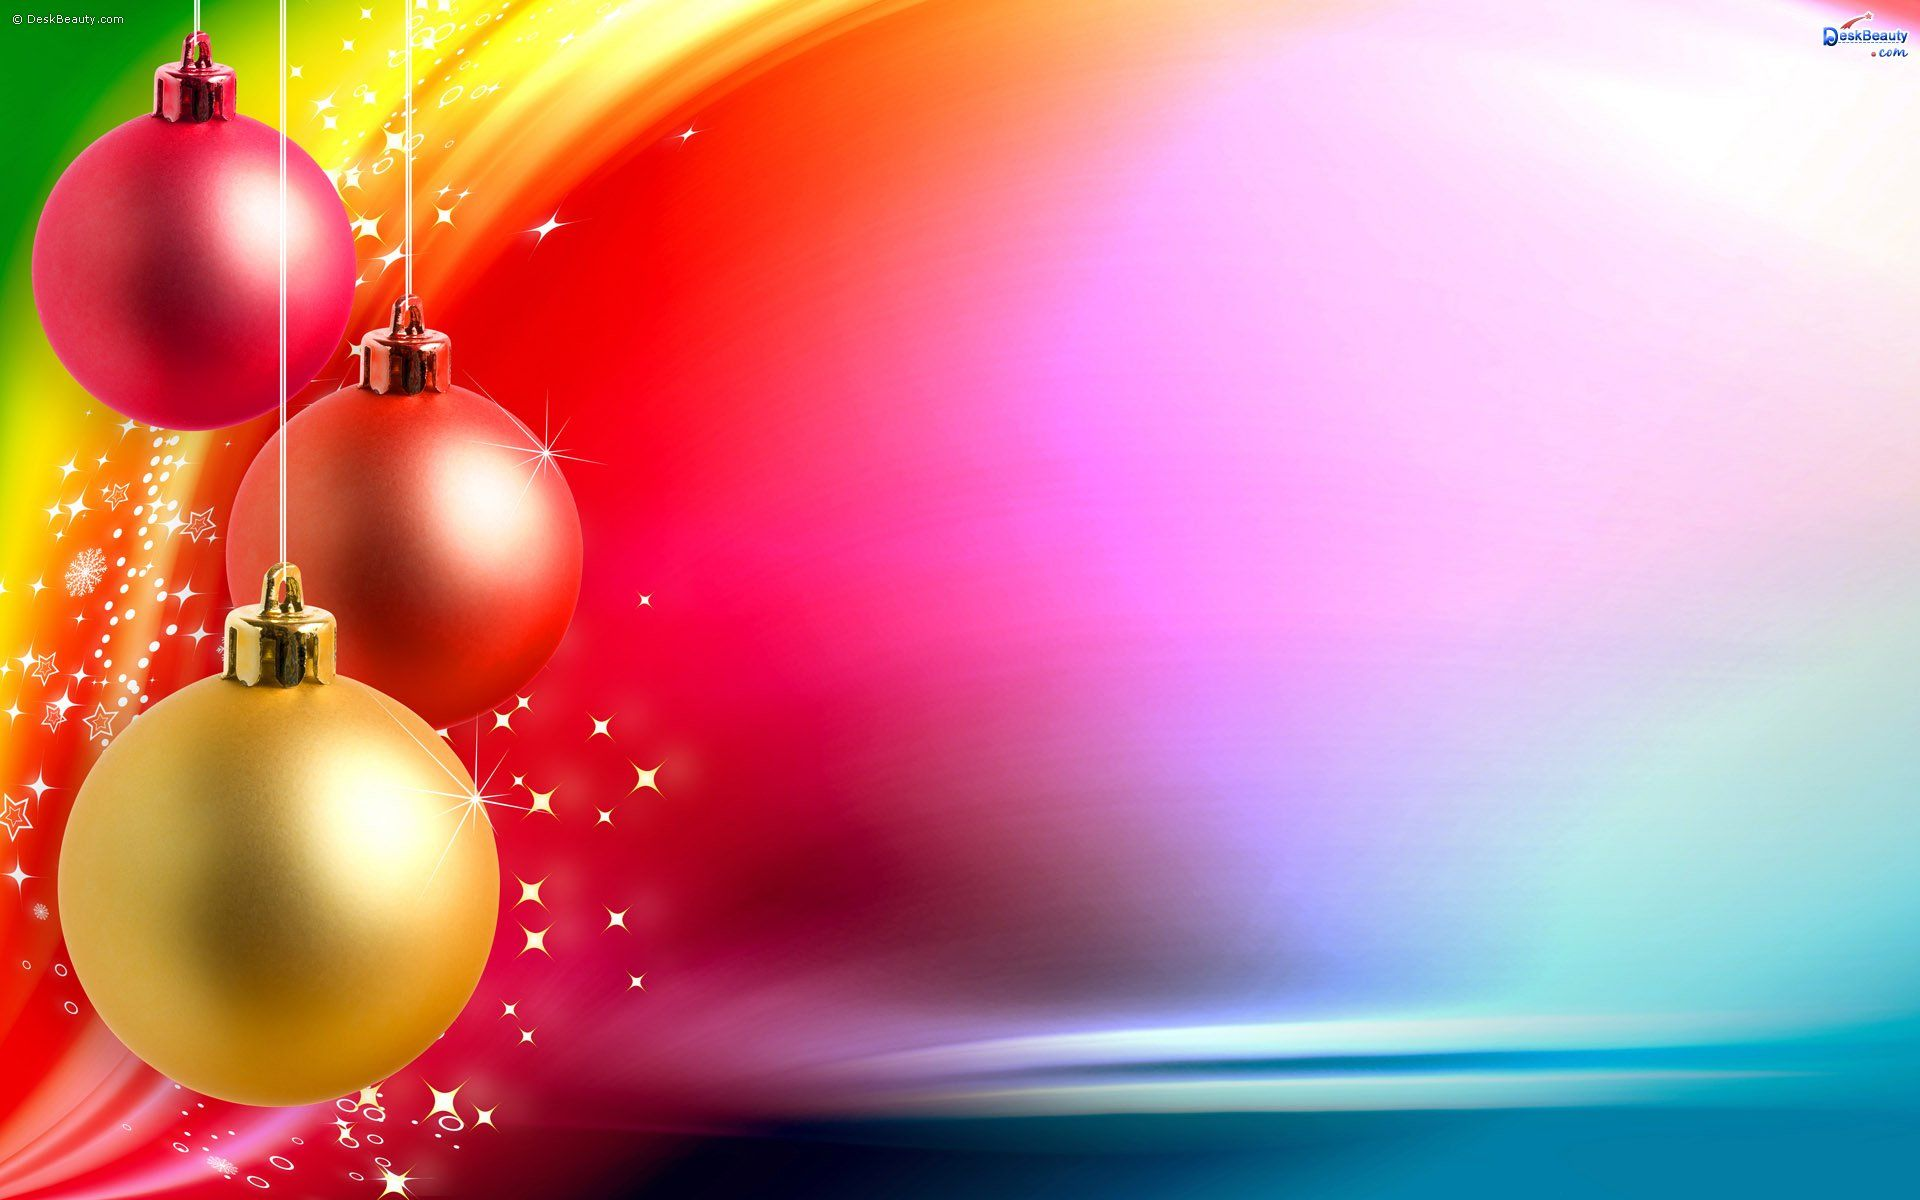 Colorful Christmas Christmas Background Images Christmas